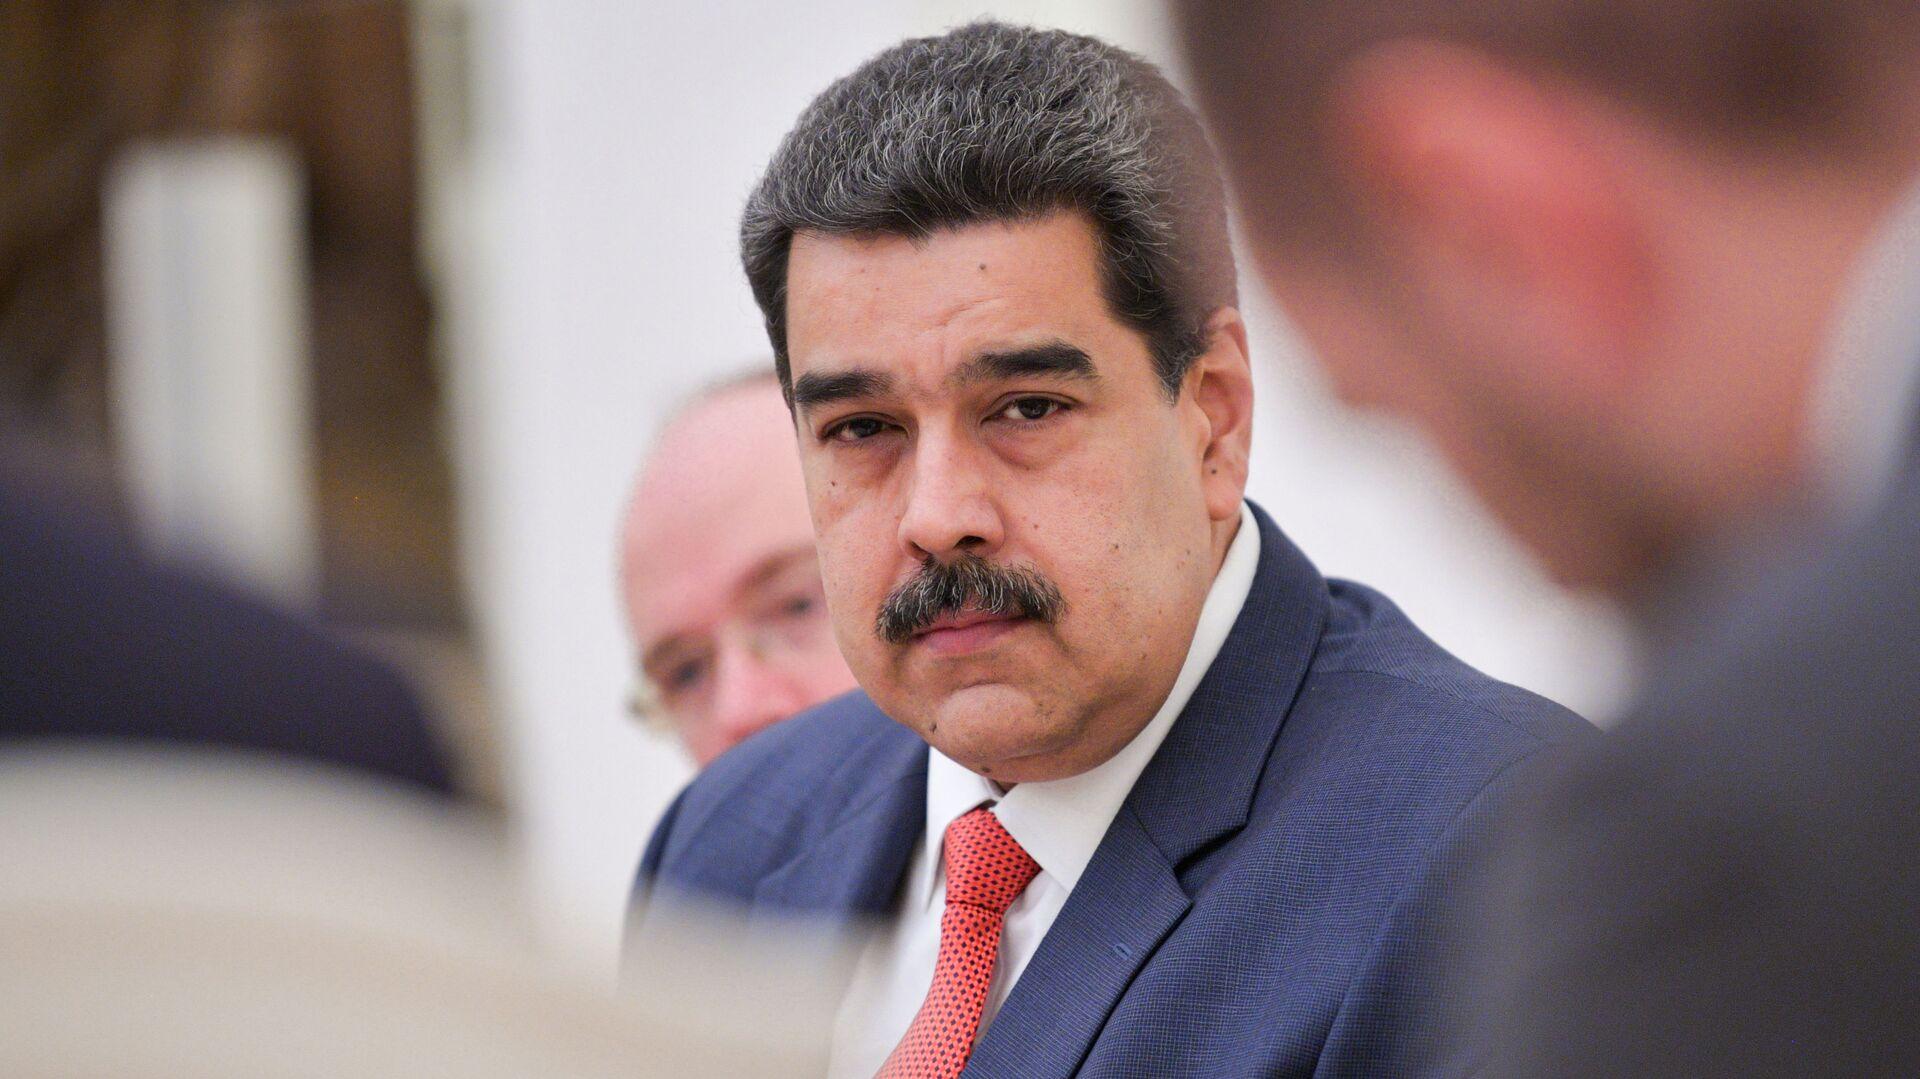 Nicolás Maduro, el presidente de Venezuela  - Sputnik Mundo, 1920, 13.03.2021